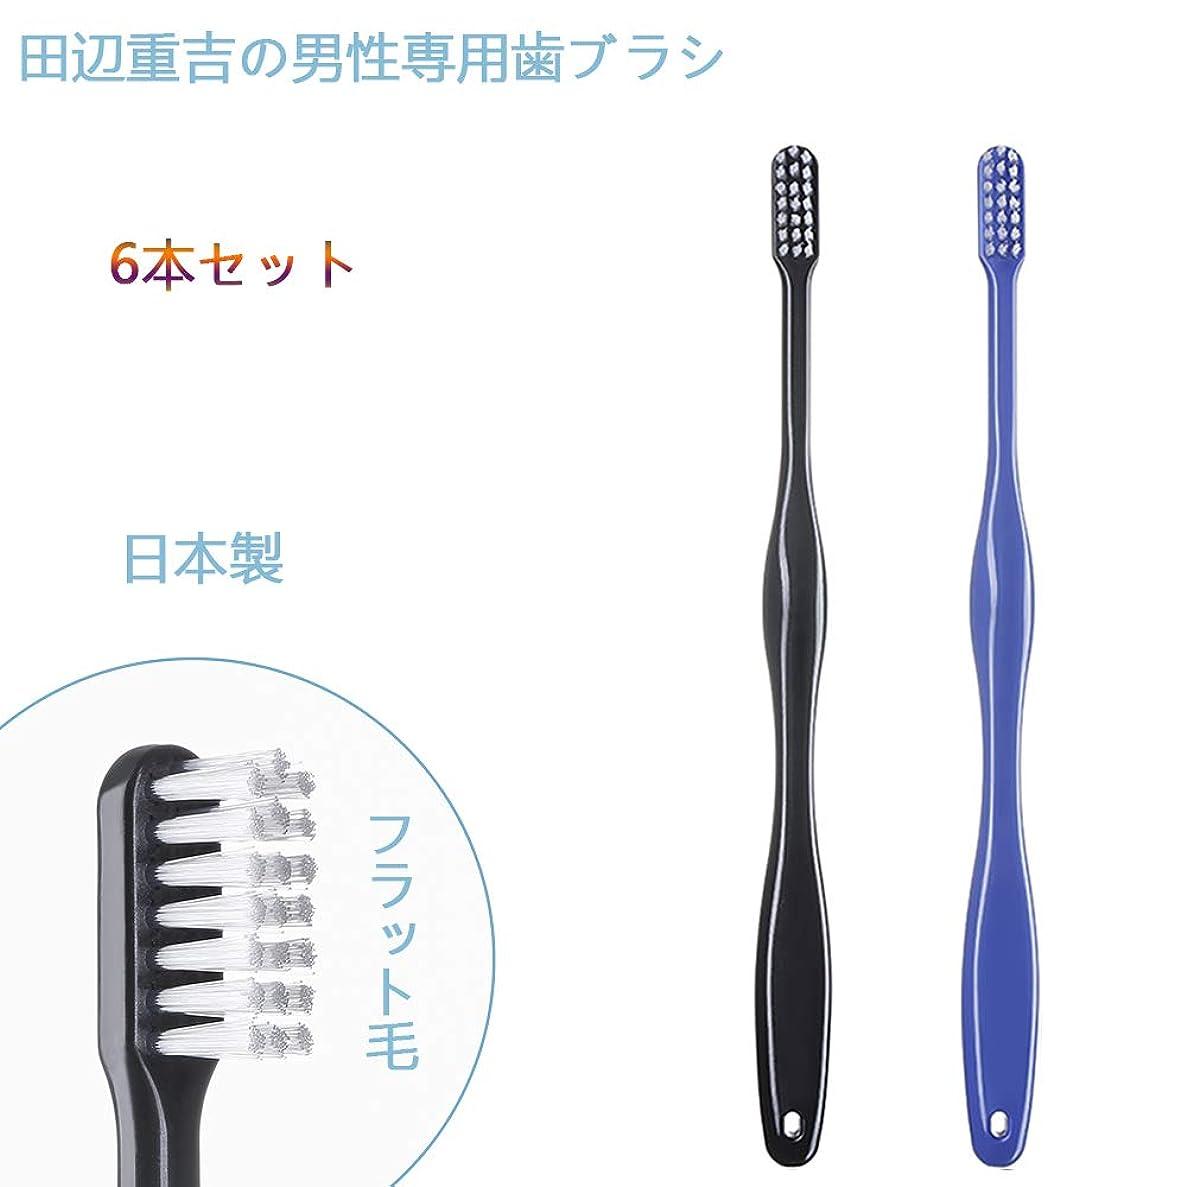 甘くする祖先下歯ブラシ職人 Artooth ? 田辺重吉の磨きやすい 男性専用 歯ブラシ MEN' S 日本製 耐久性UP 6本セットLT-08(色おまかせ)